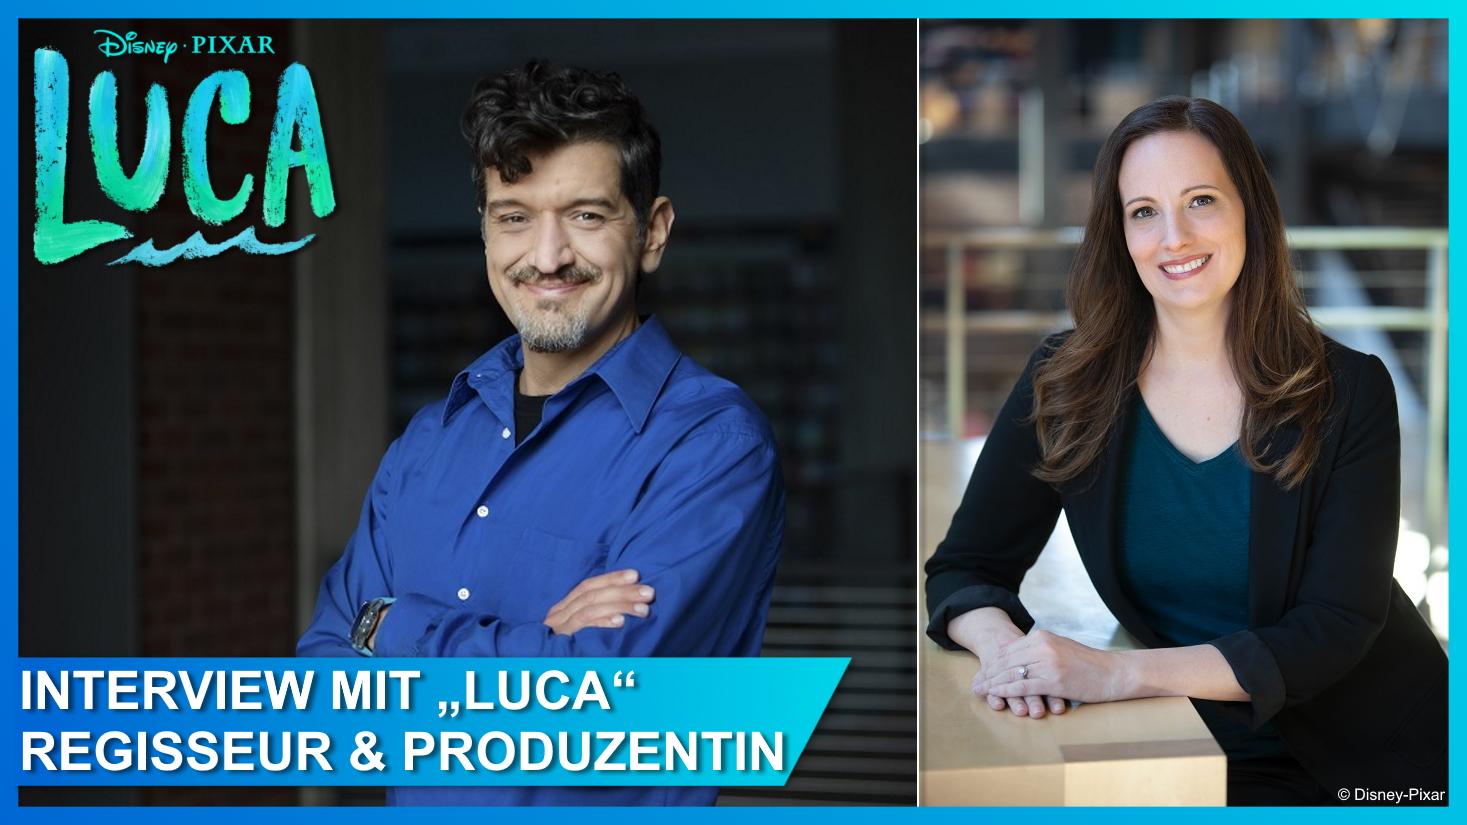 Regisseur Enrico Casarosa und Produzentin Andrea Warren im Interview über Disney-Pixars Luca